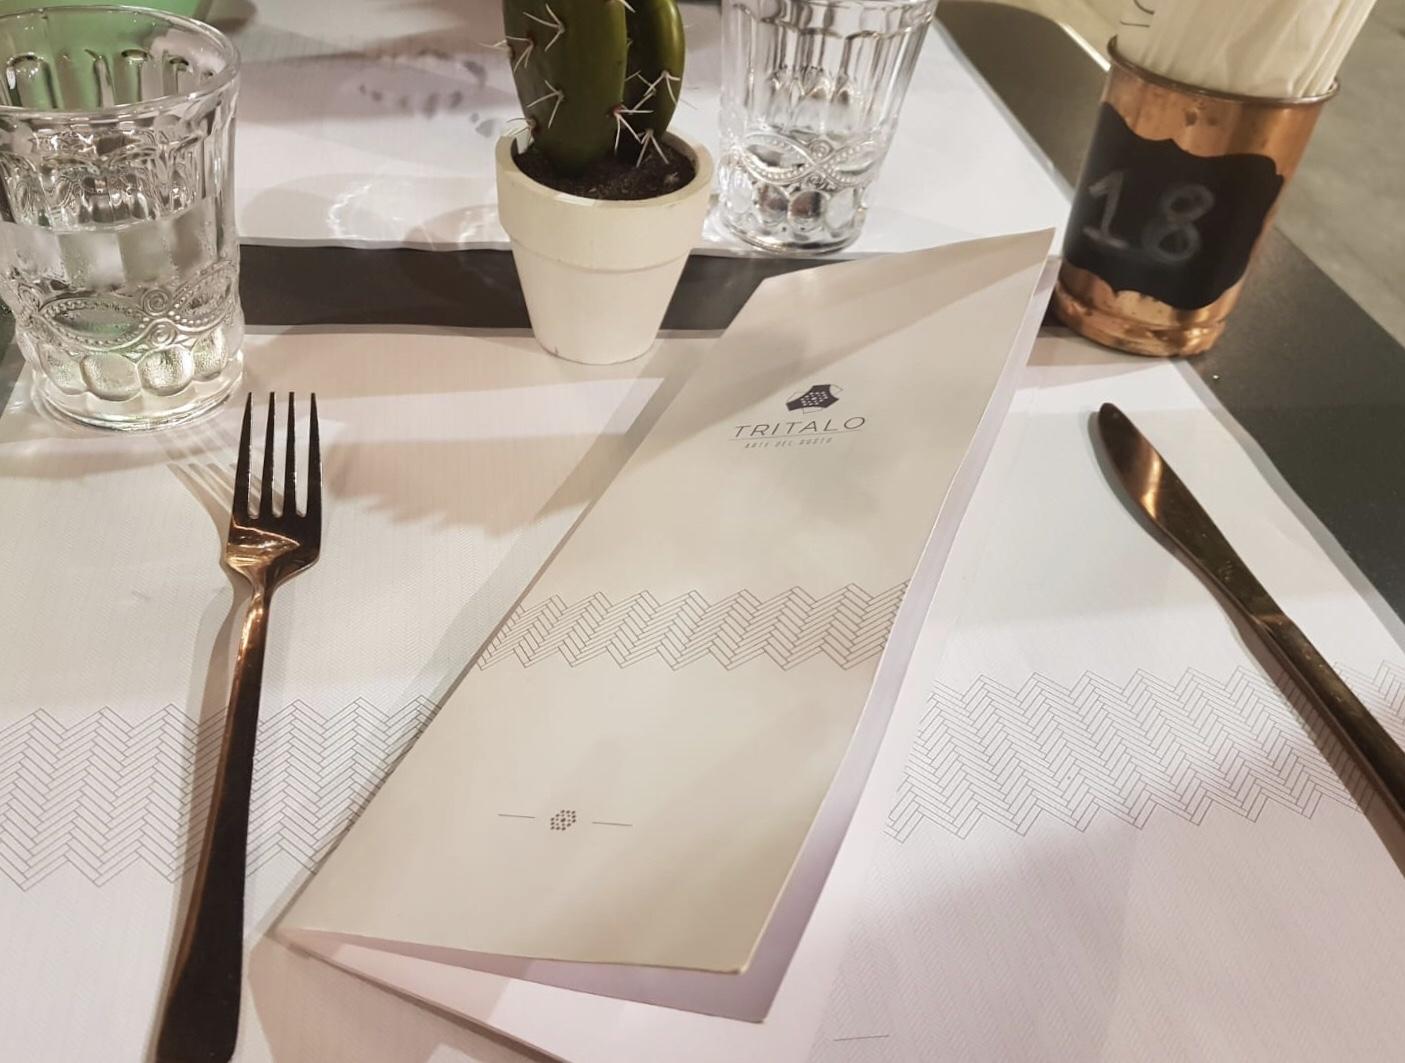 tritalo menu